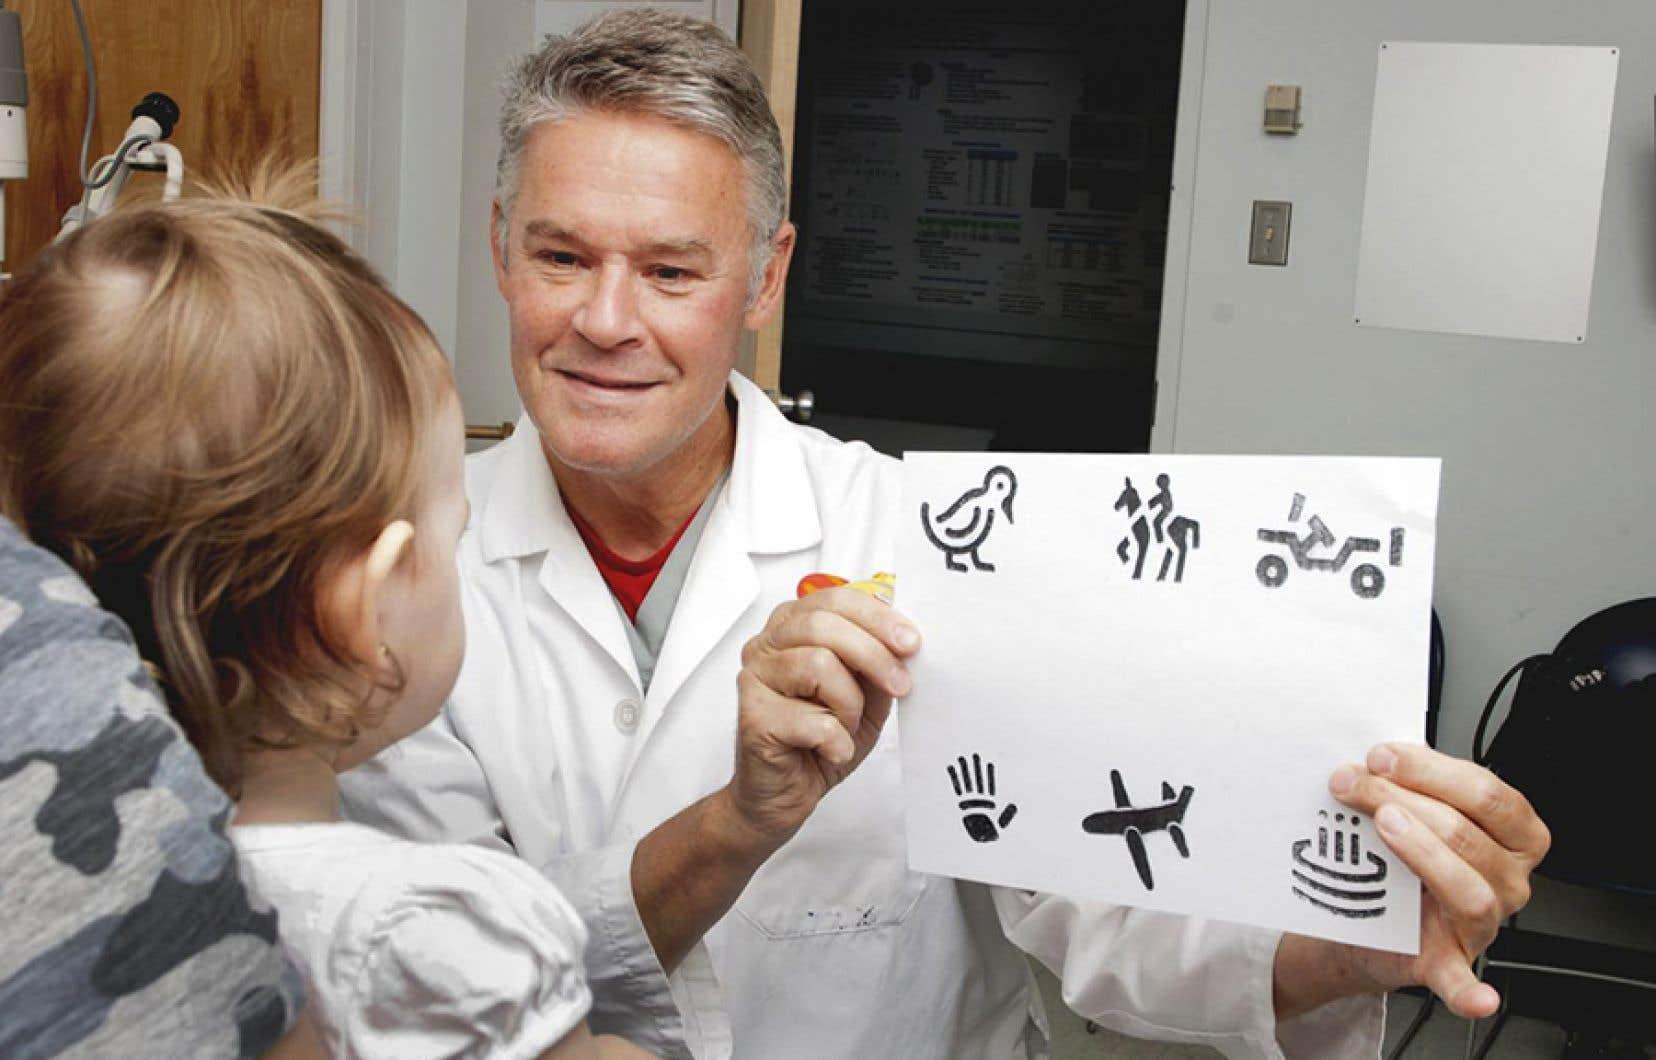 Le Dr Robert Koenekoop a passé les 25 dernières années à étudier tous les gènes responsables des DRH, photographié dans sa clinique à Montréal avant la pandémie de COVID-19.